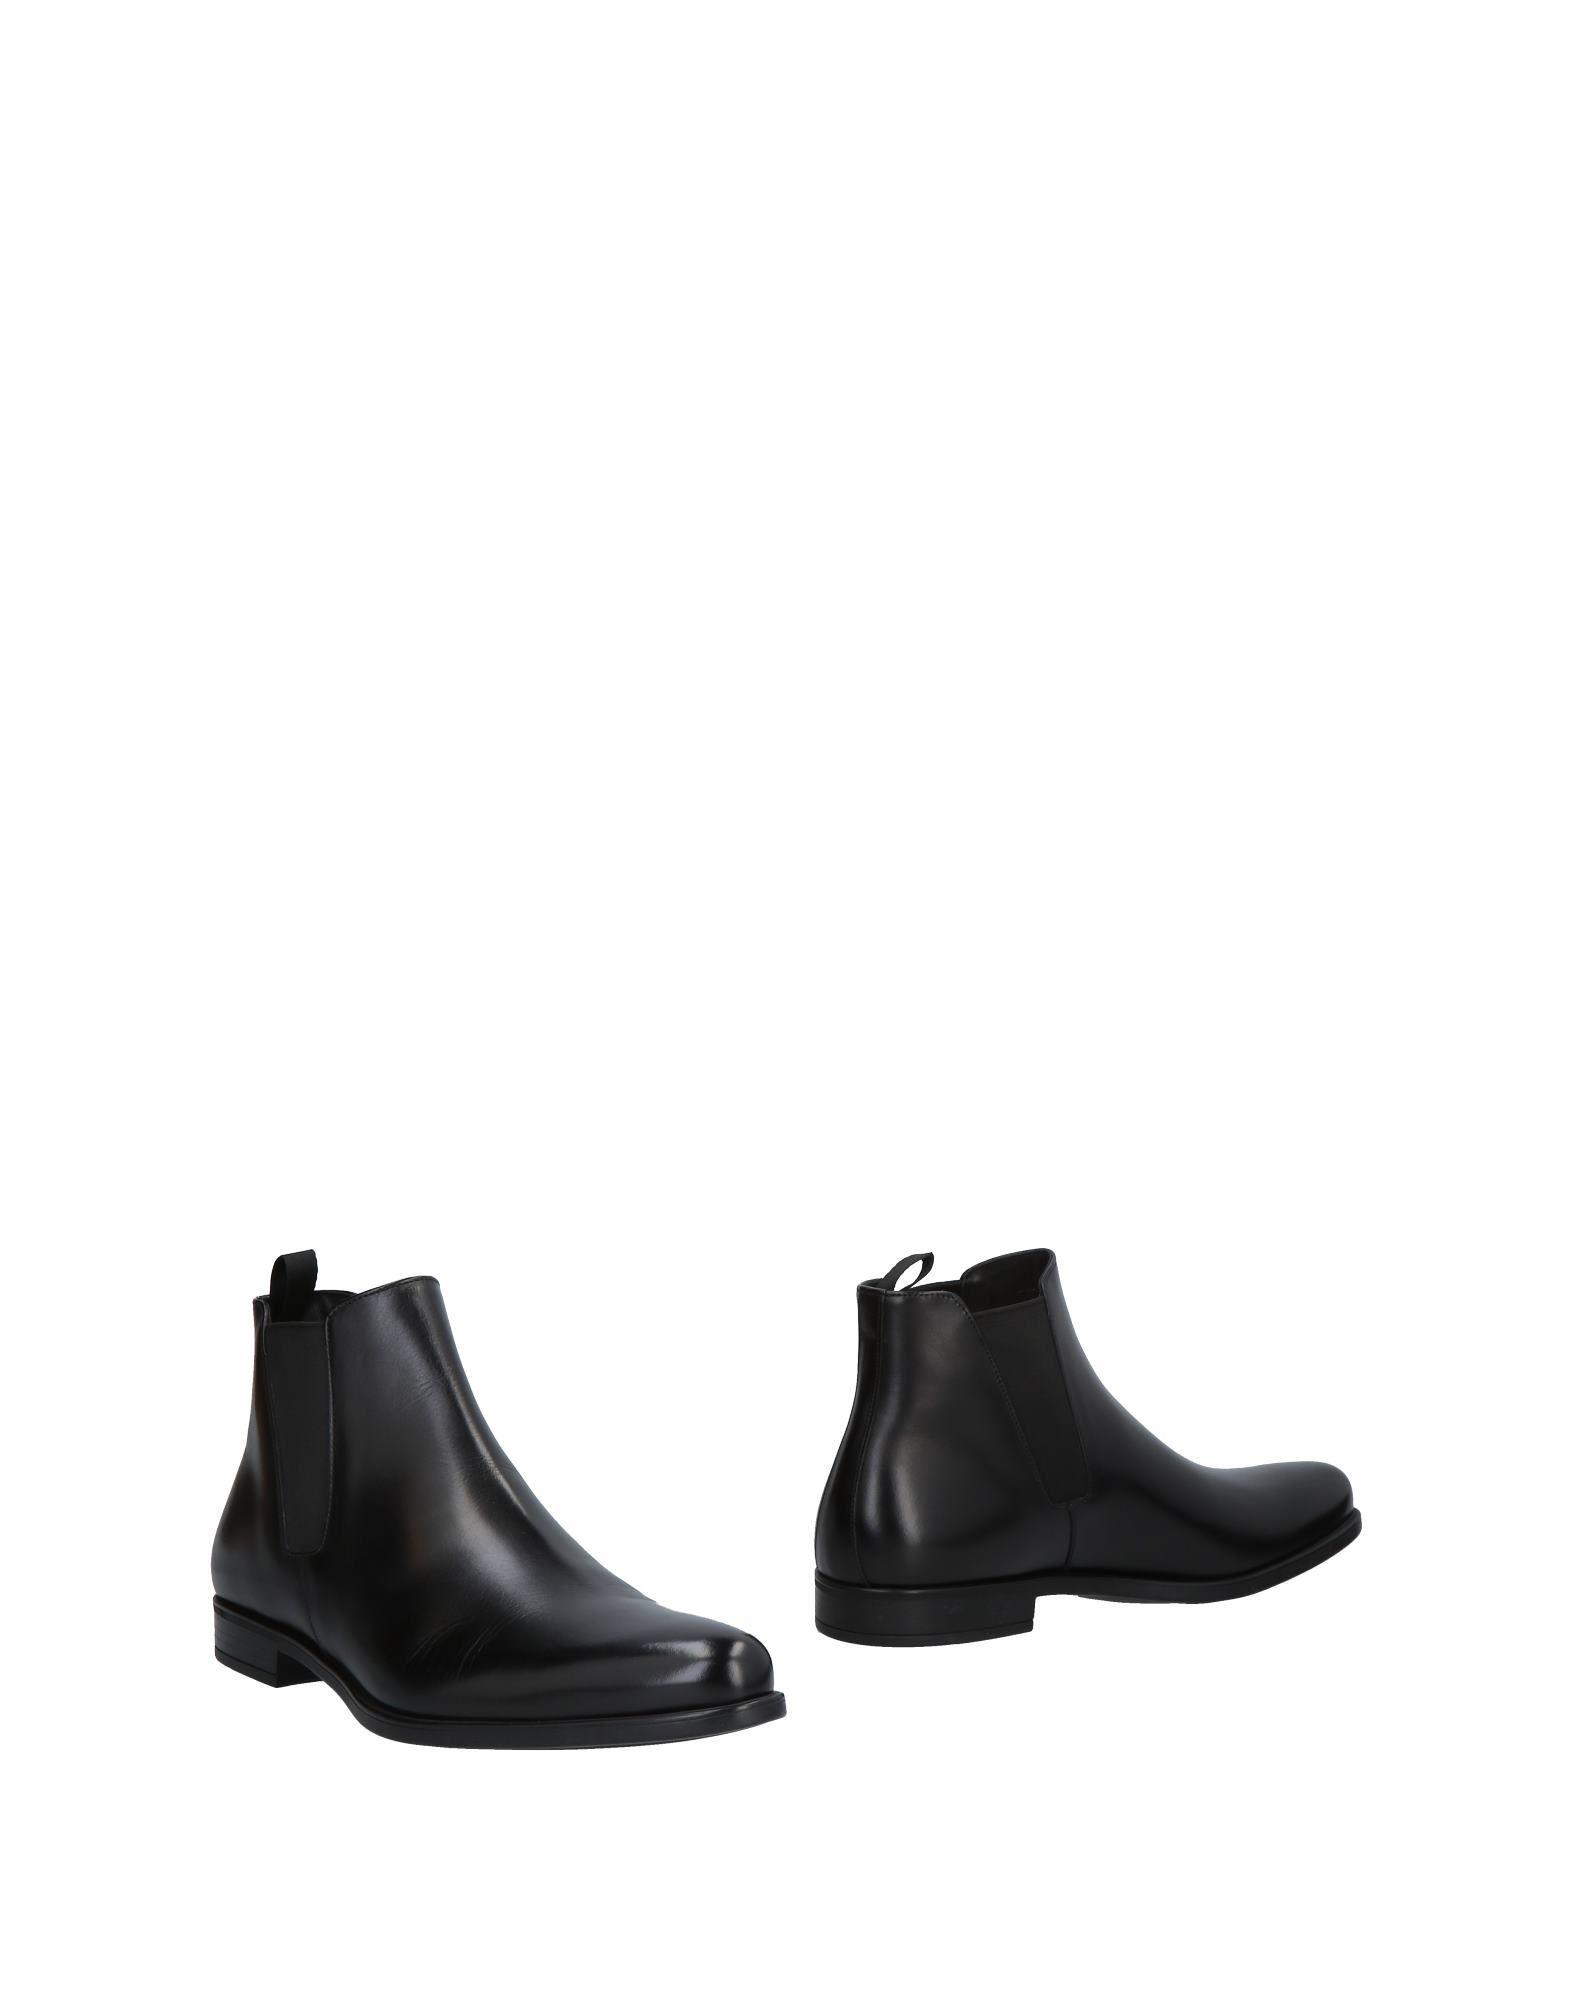 Prada Stiefelette Herren  11492725UD Gute Qualität beliebte Schuhe